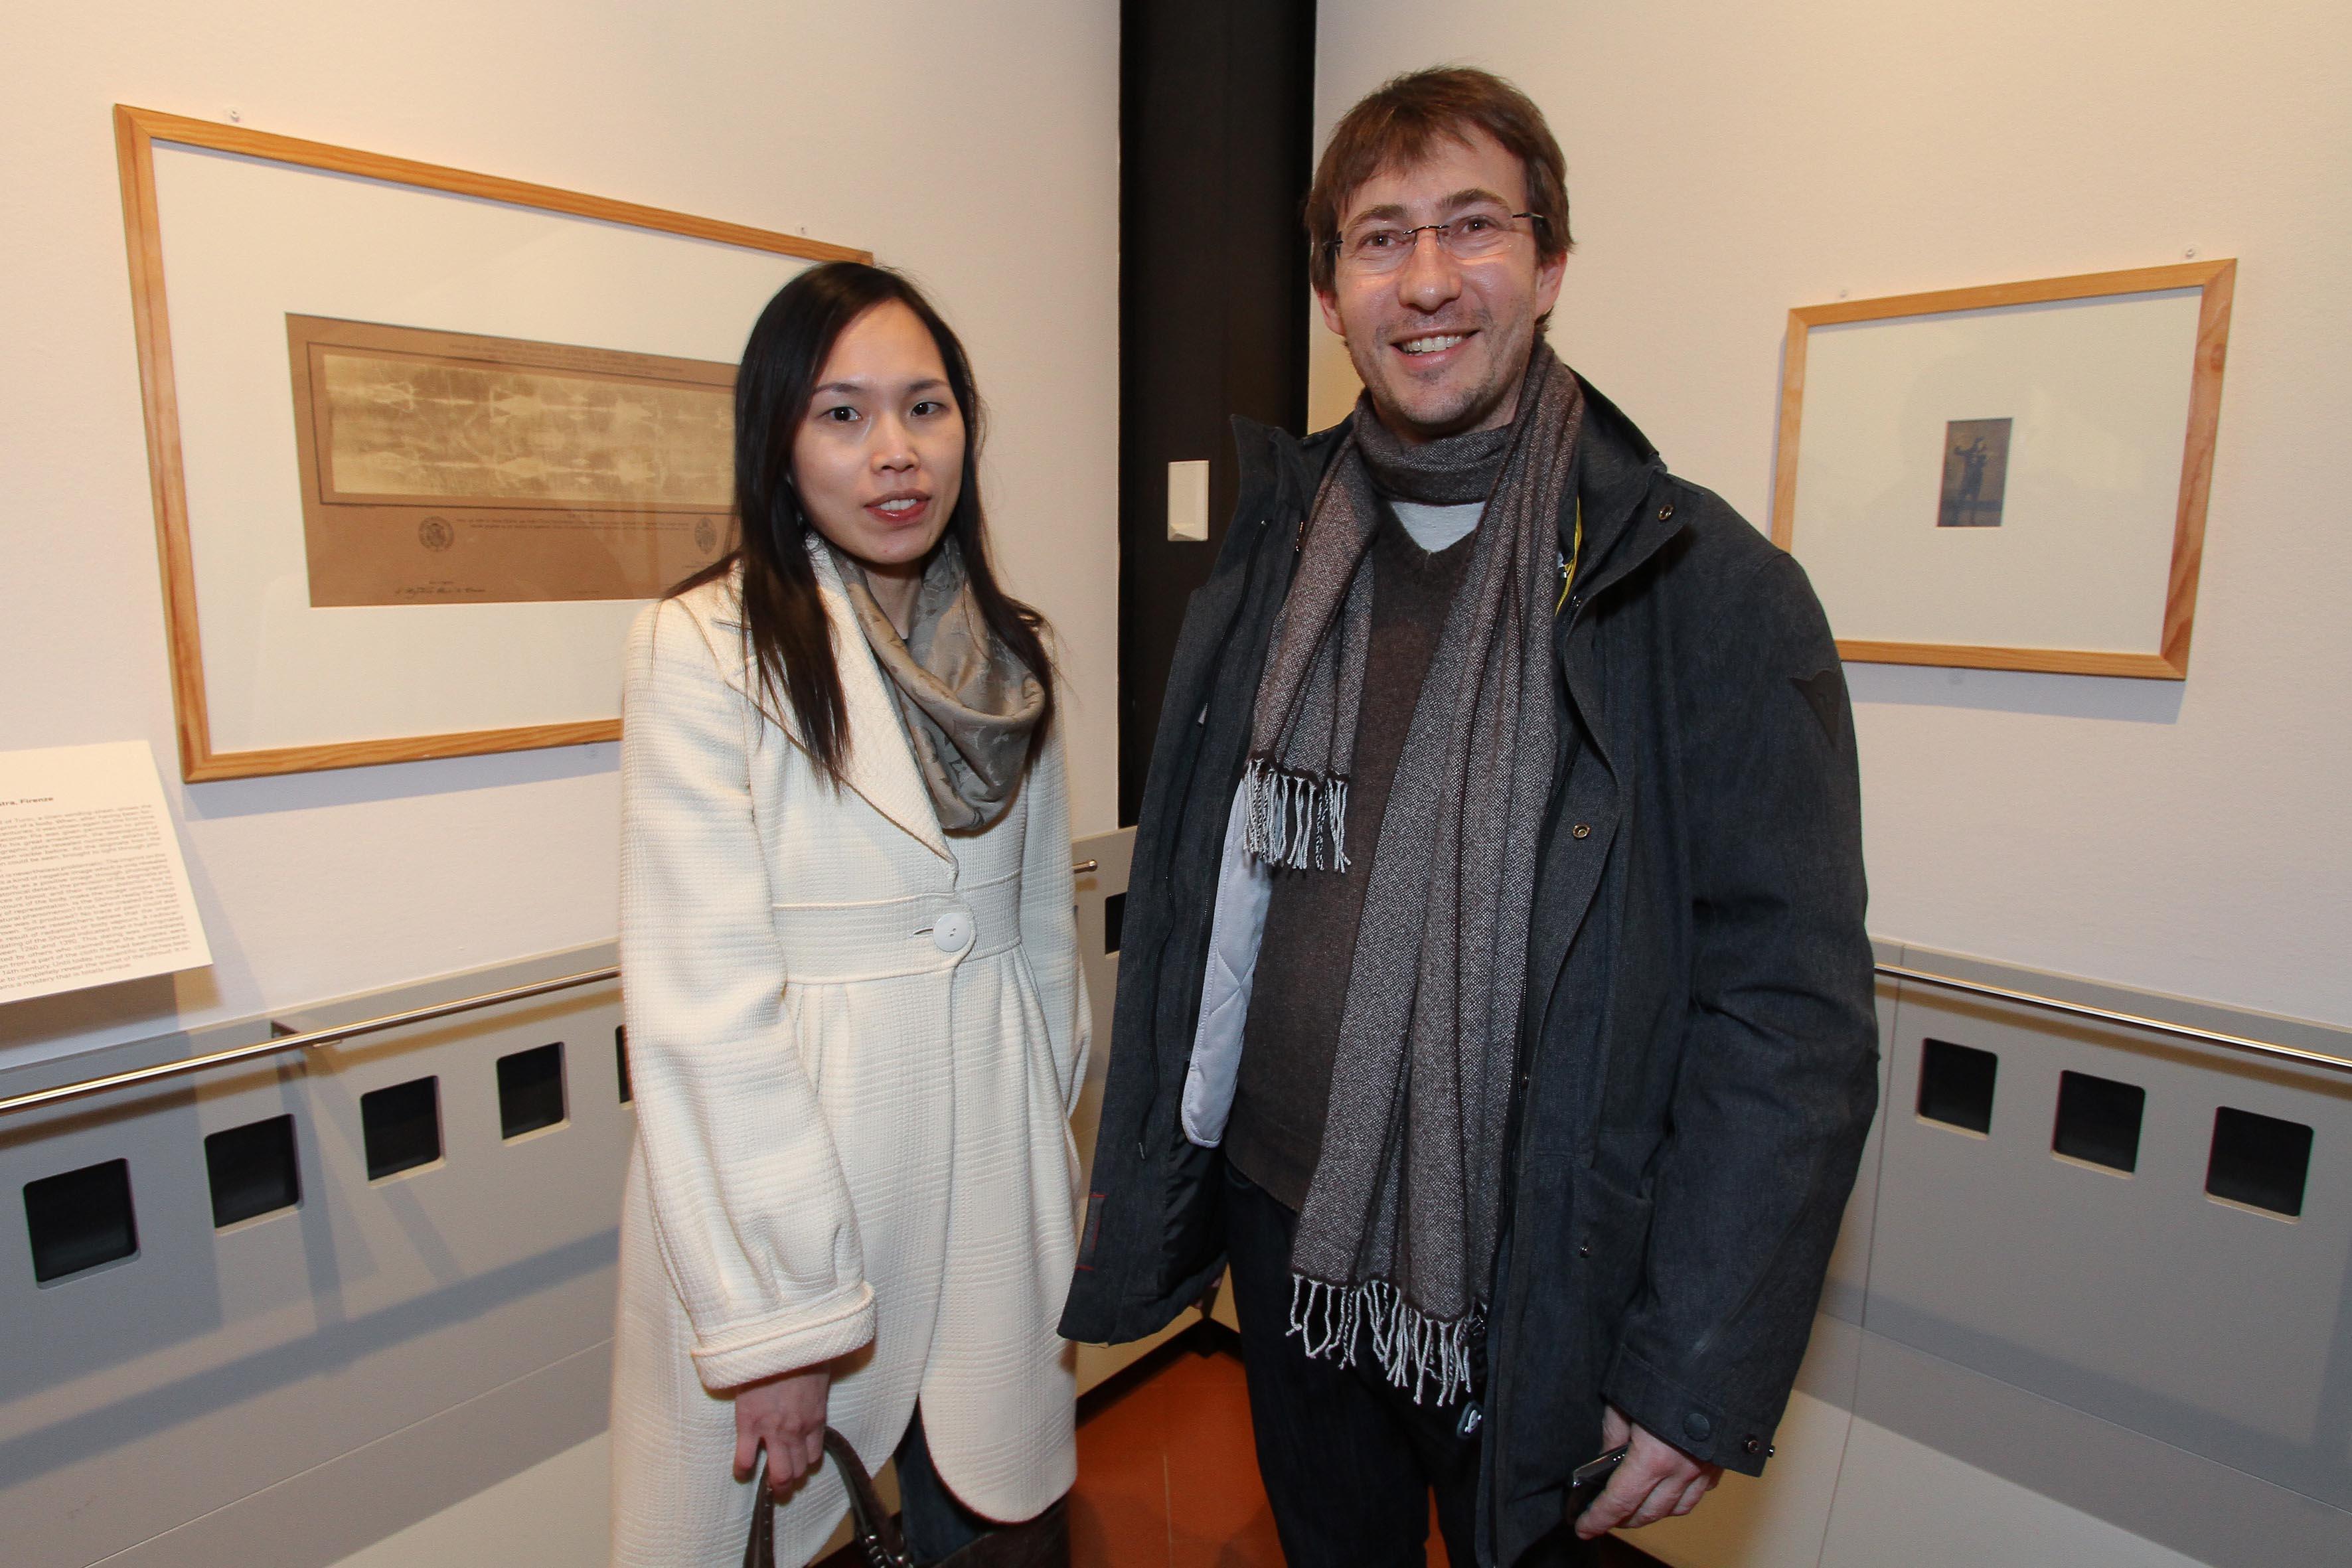 PRESSPHOTO Firenze, Museo Alinari, mostra fotografica Controverses. nella foto Davide Galastri e Carrie Chen